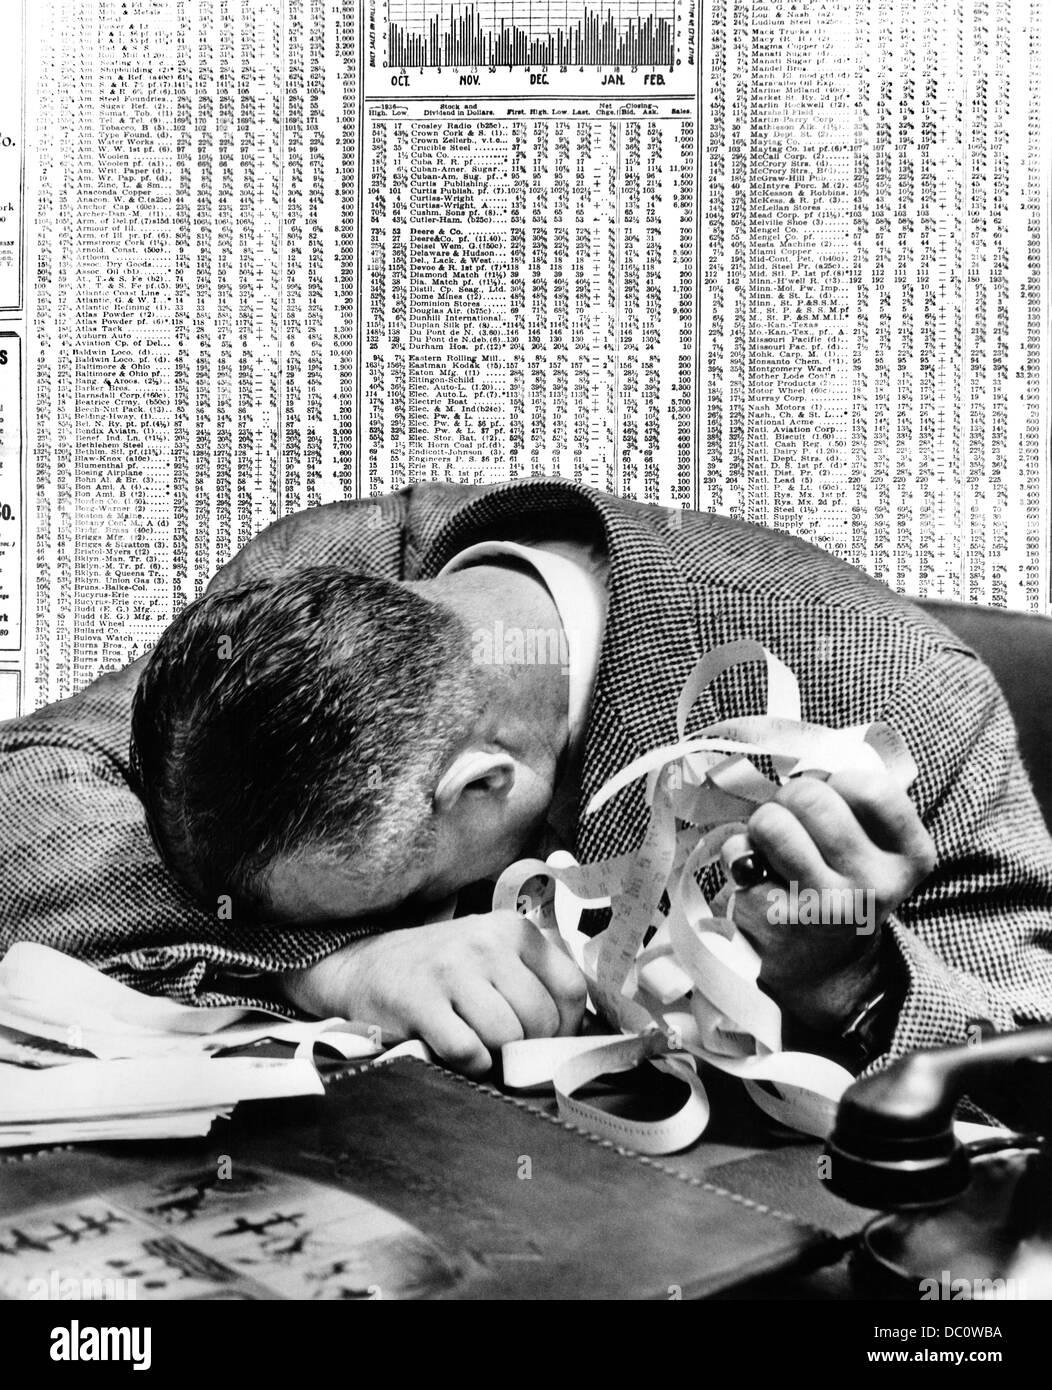 1940 El hombre la cabeza apoyada en la mesa mantiene Stock Ticker tape con periódico STOCK página detrás Imagen De Stock